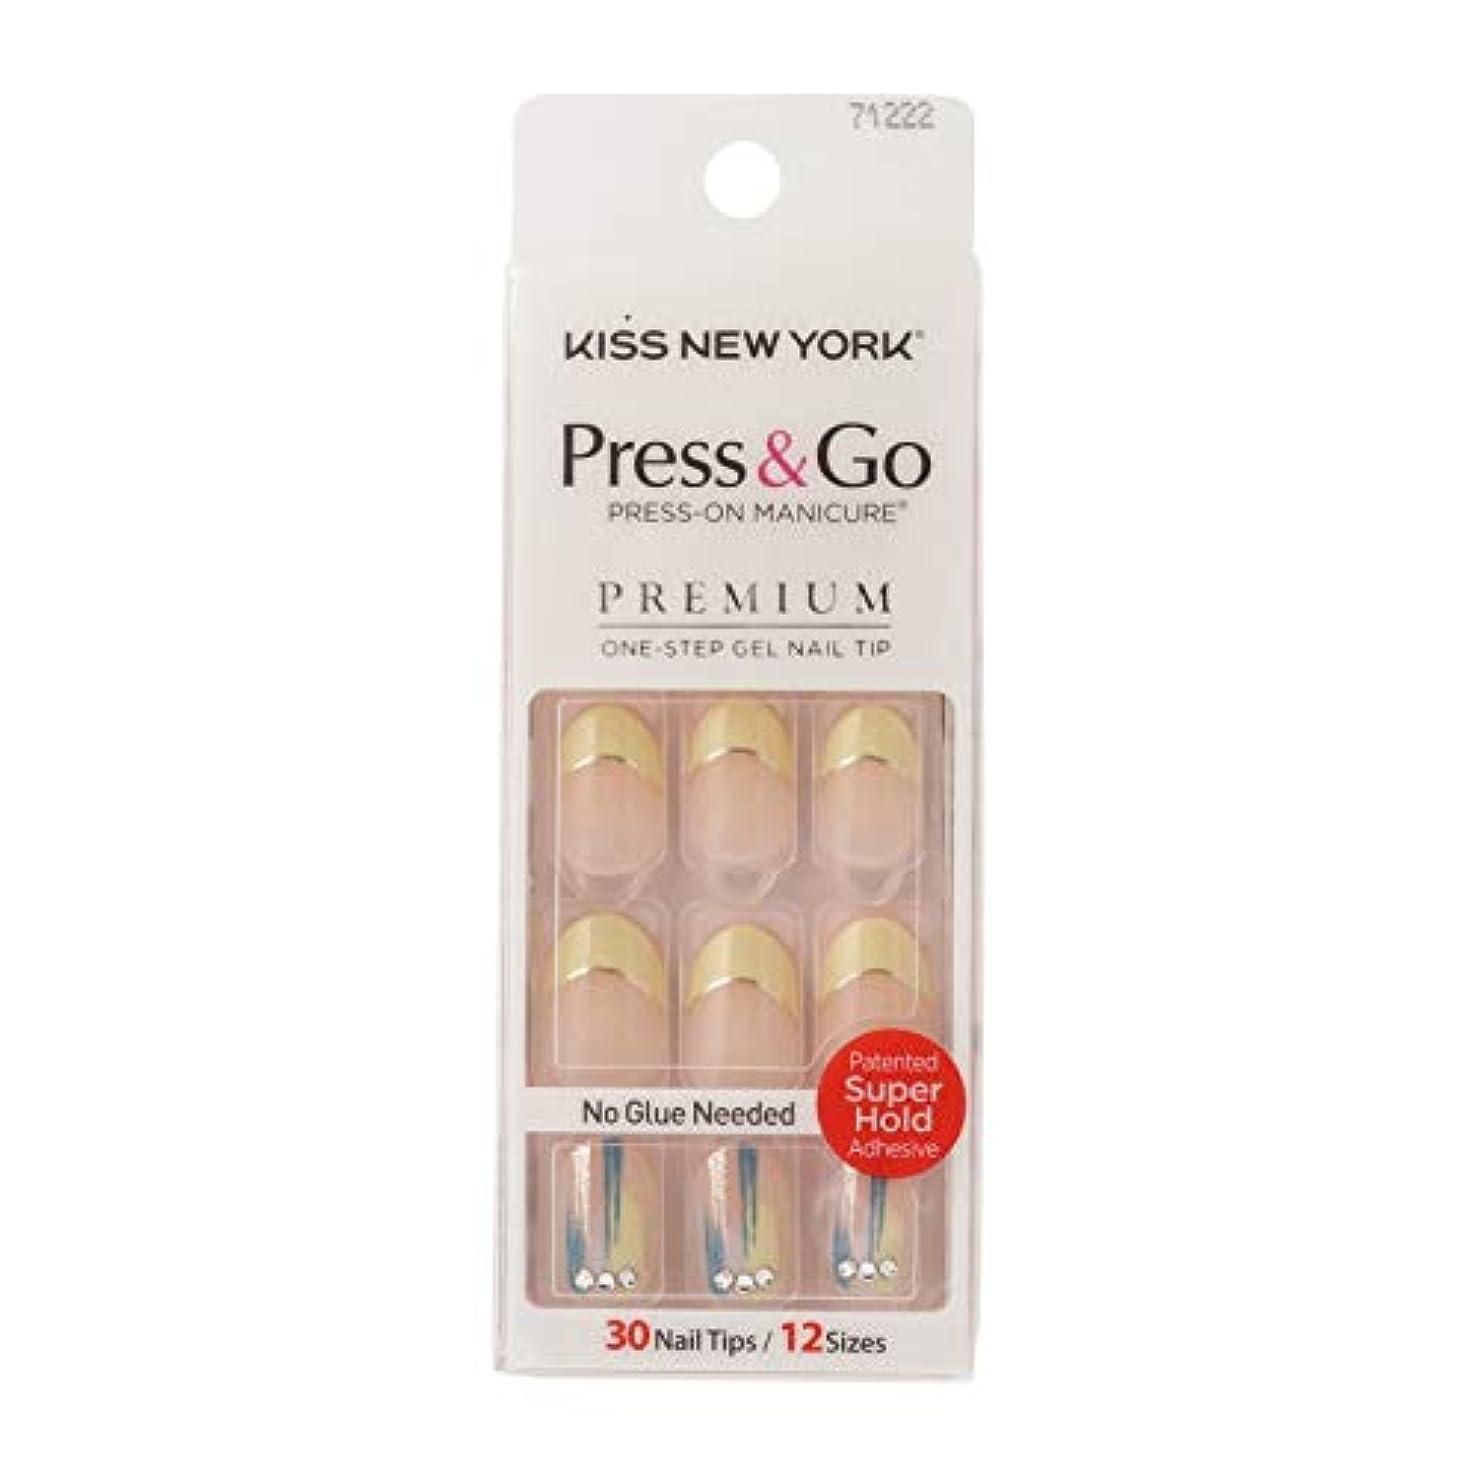 満足できるパネル社会科キスニューヨーク (KISS NEW YORK) KISS NEWYORK ネイルチップPress&Go BHJ32J 19g